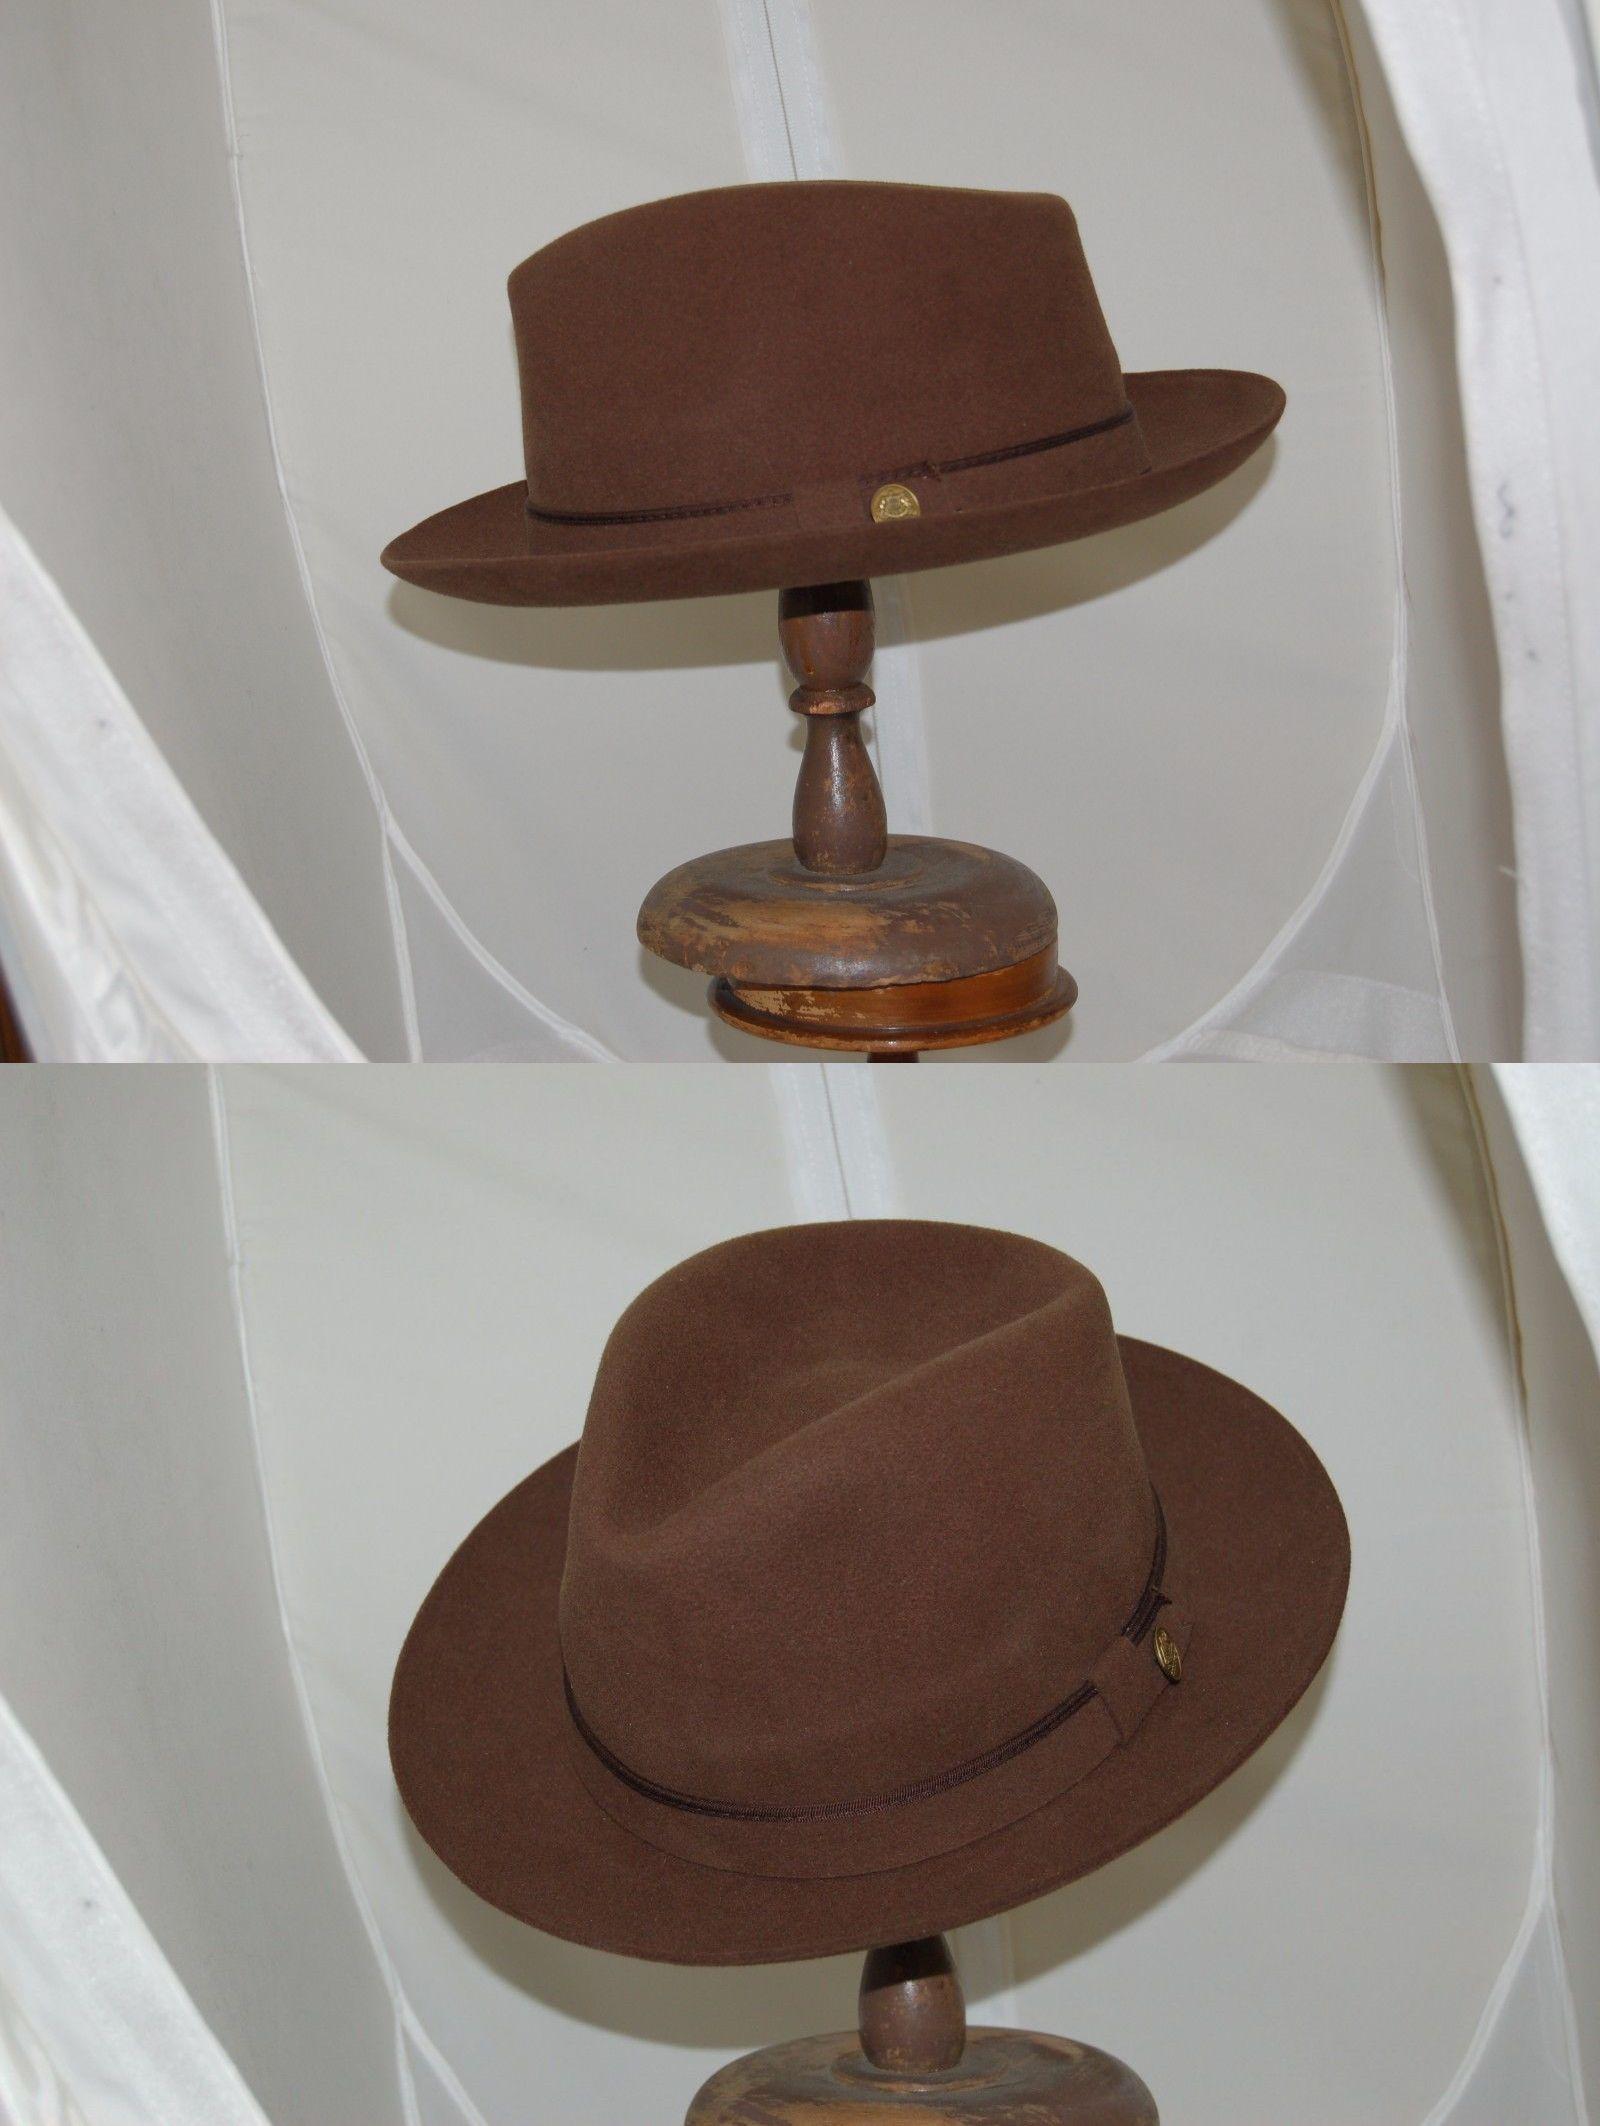 6493ace1b0a58 Mens Hats 163619  Stetson Belfast Fur Felt Hat -  BUY IT NOW ONLY   107.95  on eBay!